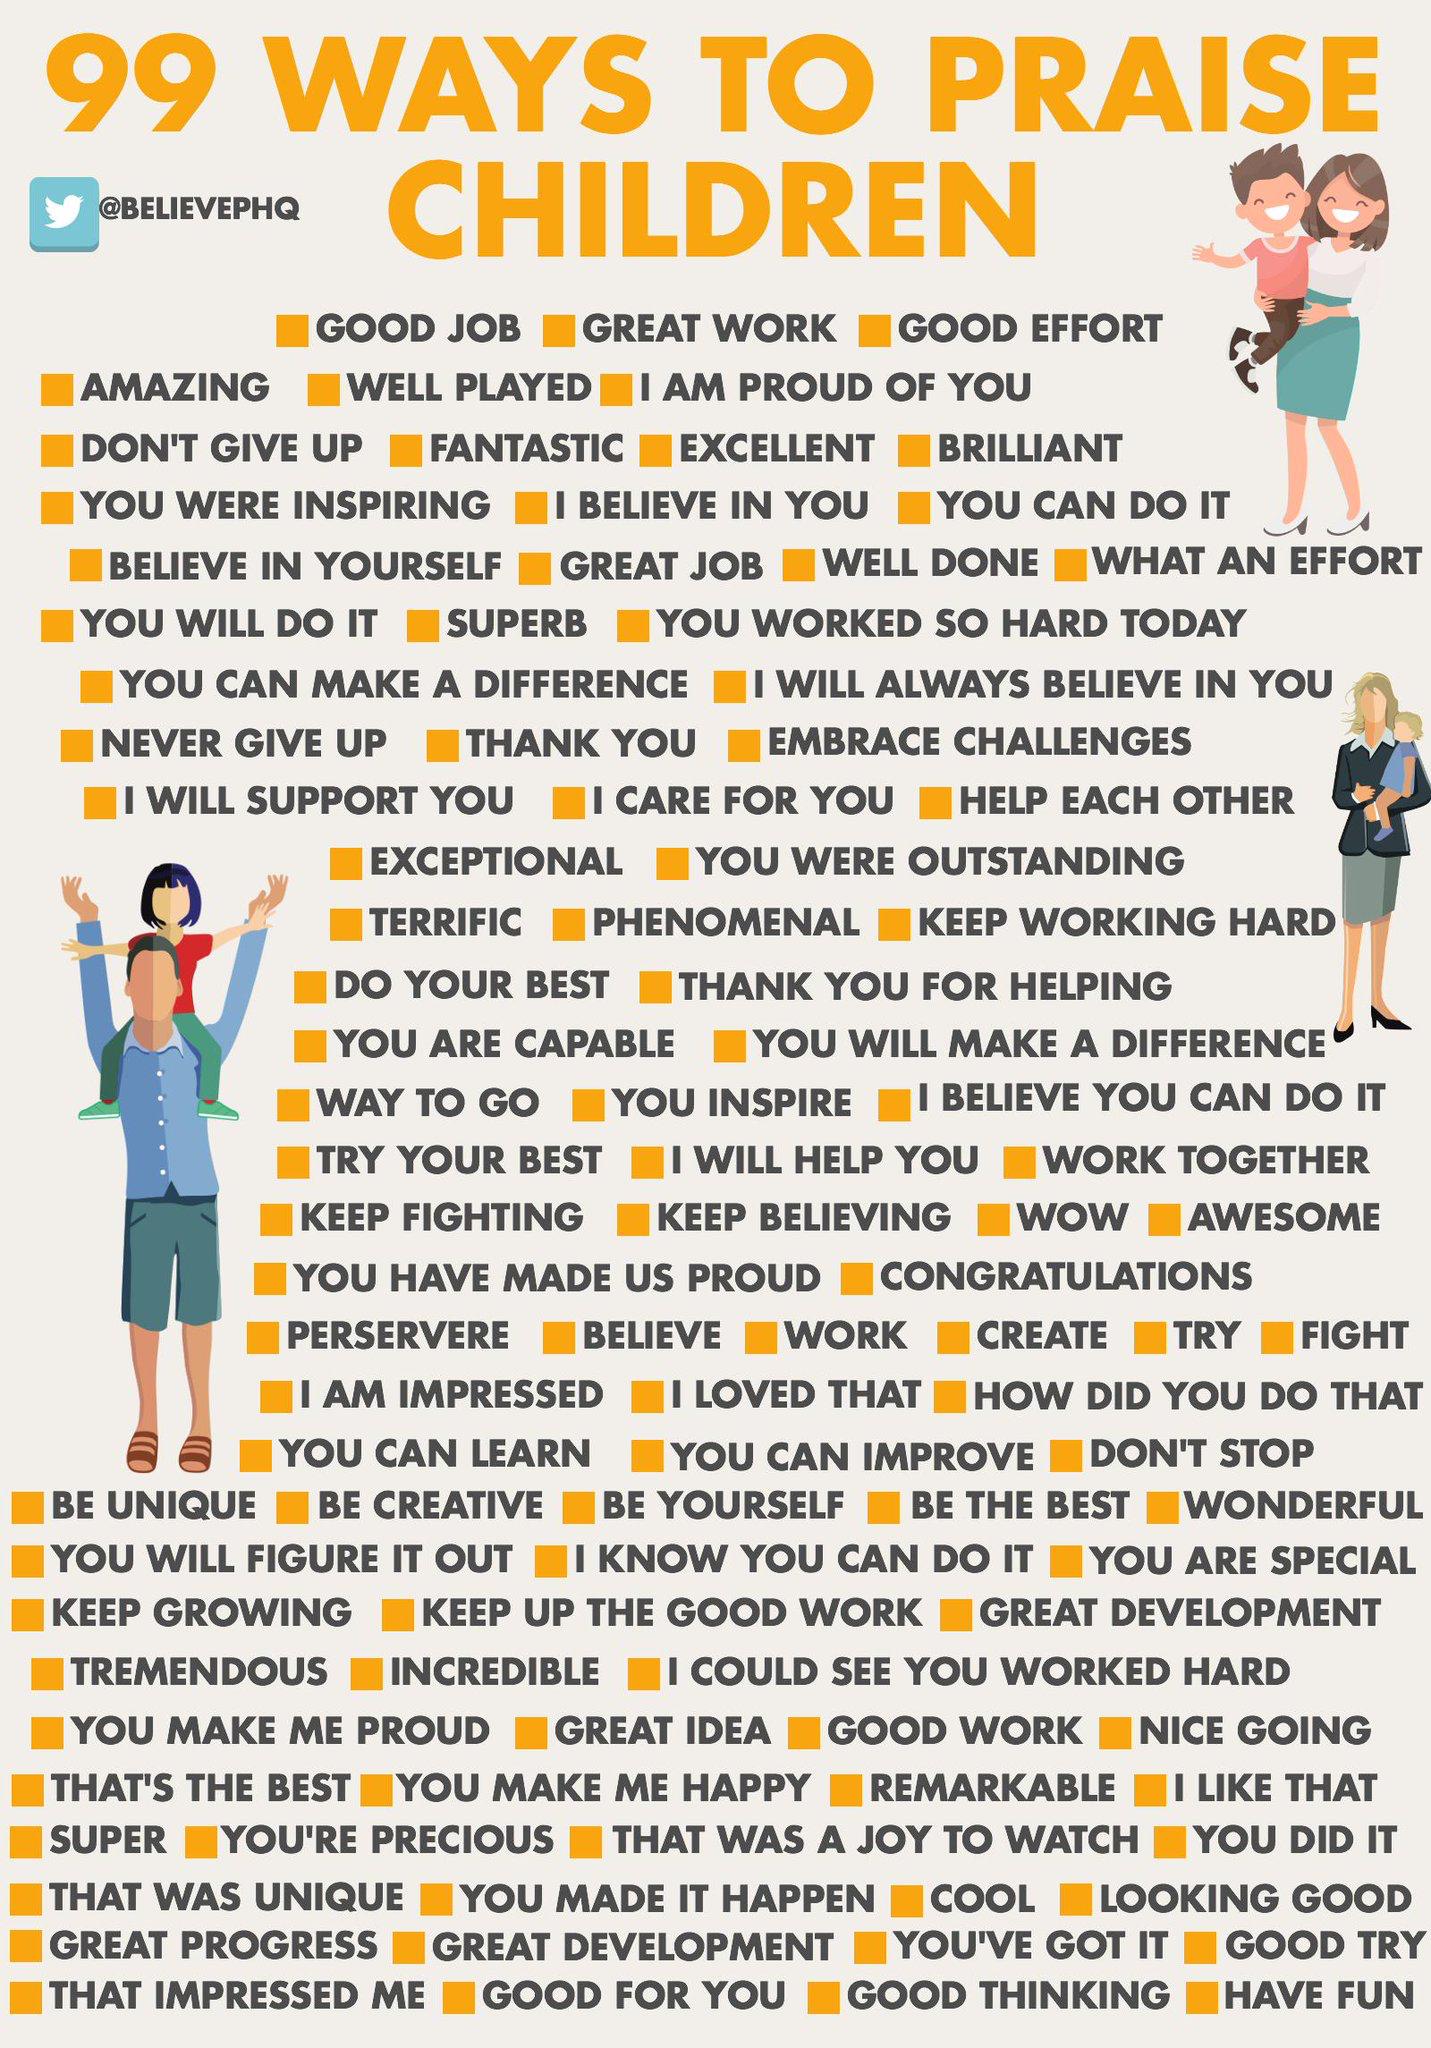 99 Ways To Praise Children